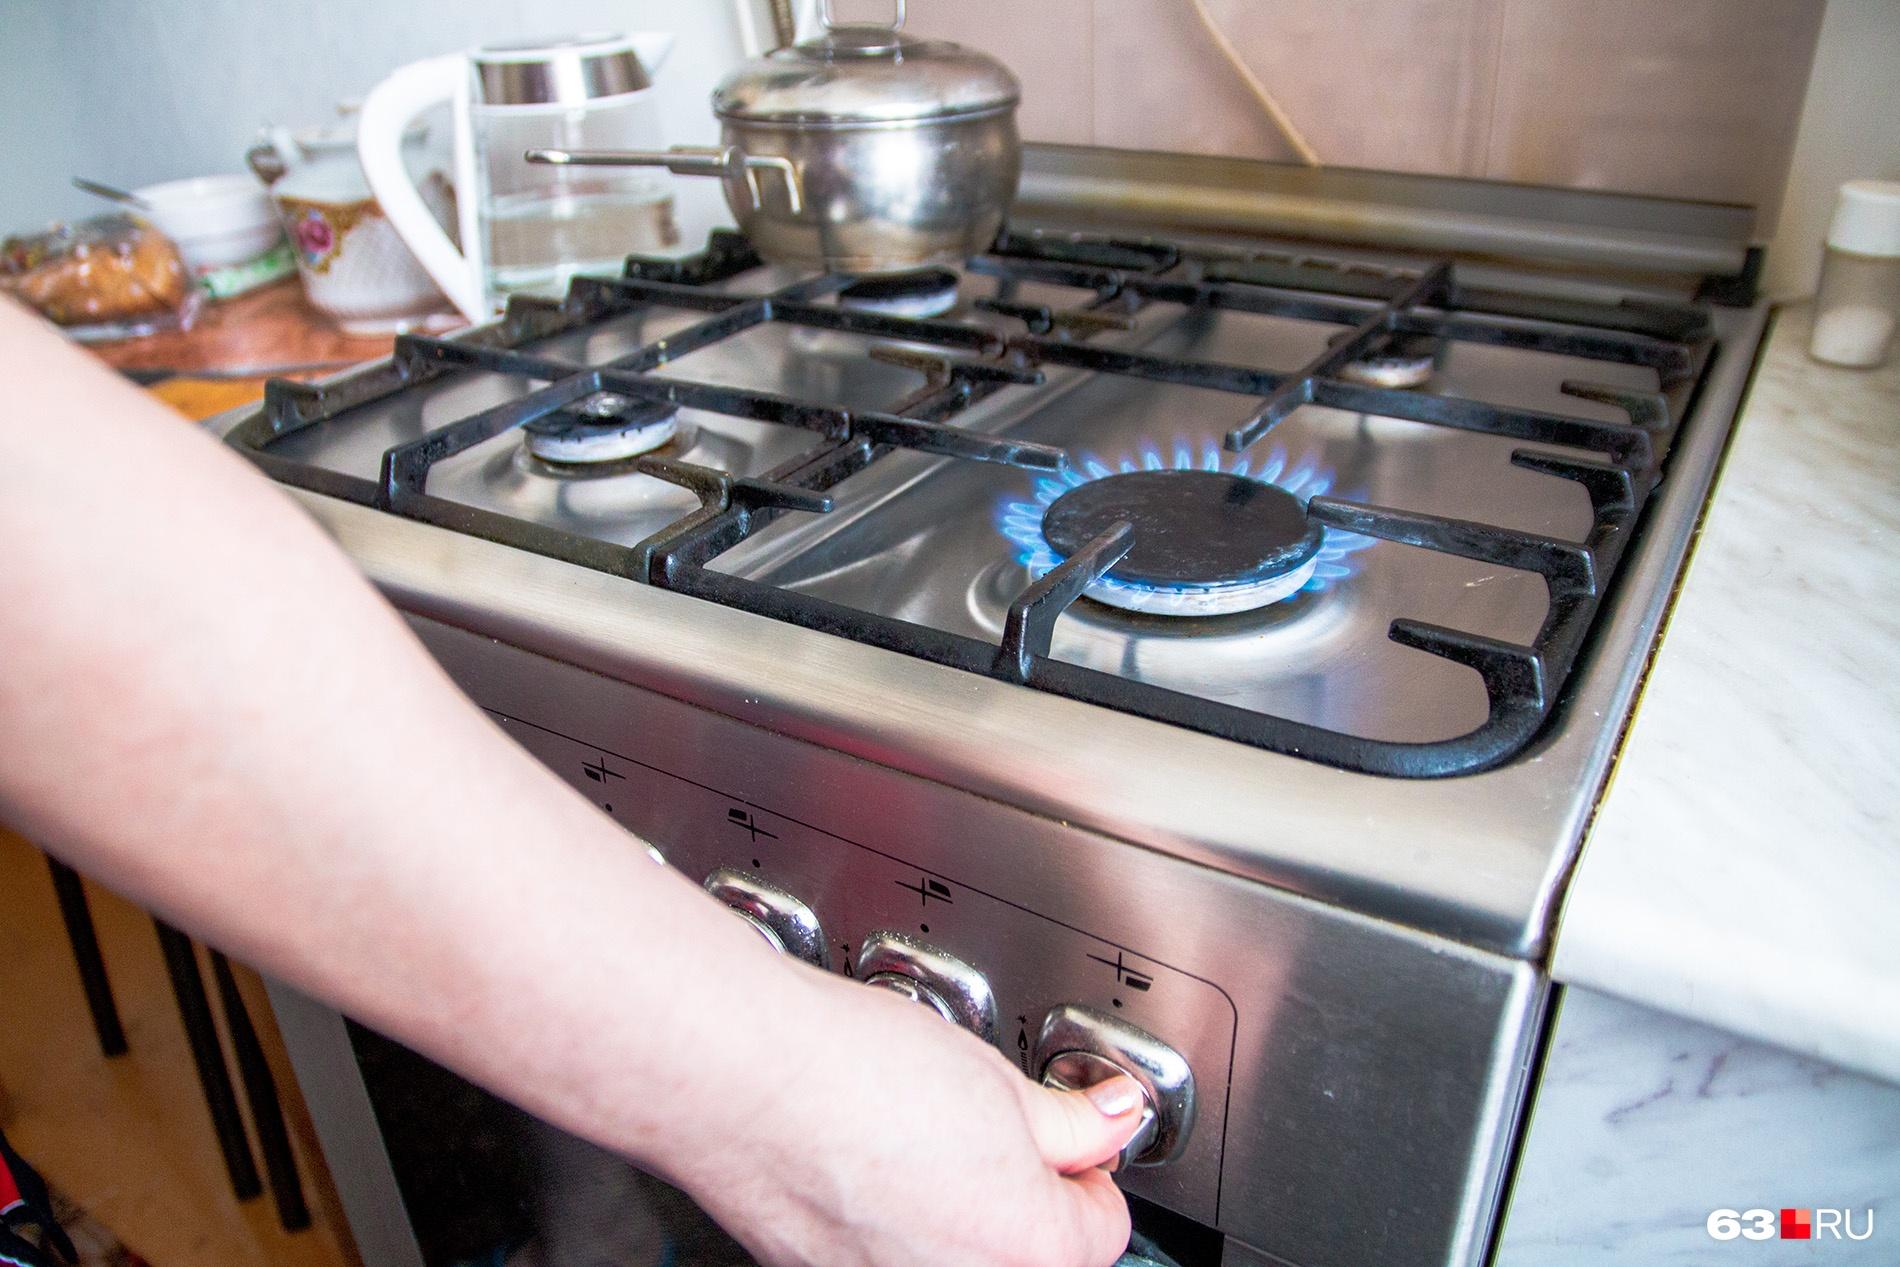 За тем, как работают плиты и колонки, будут следить сотрудники «Самарагаза»